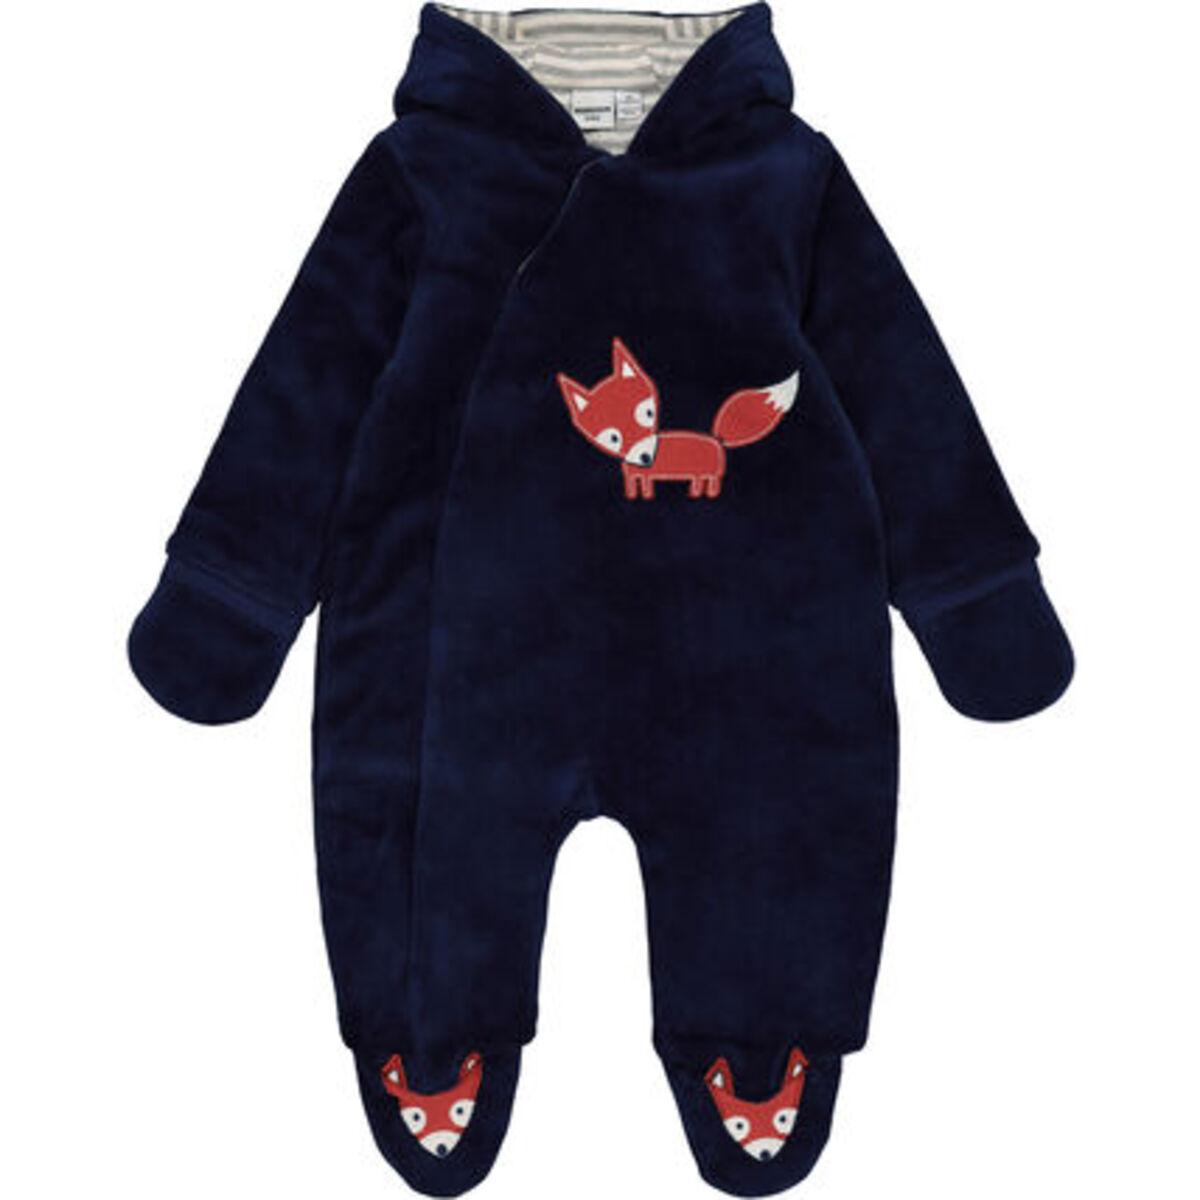 Bild 1 von MANGUUN Nicki-Overall, leicht wattiert, Kapuze, für Baby Jungen